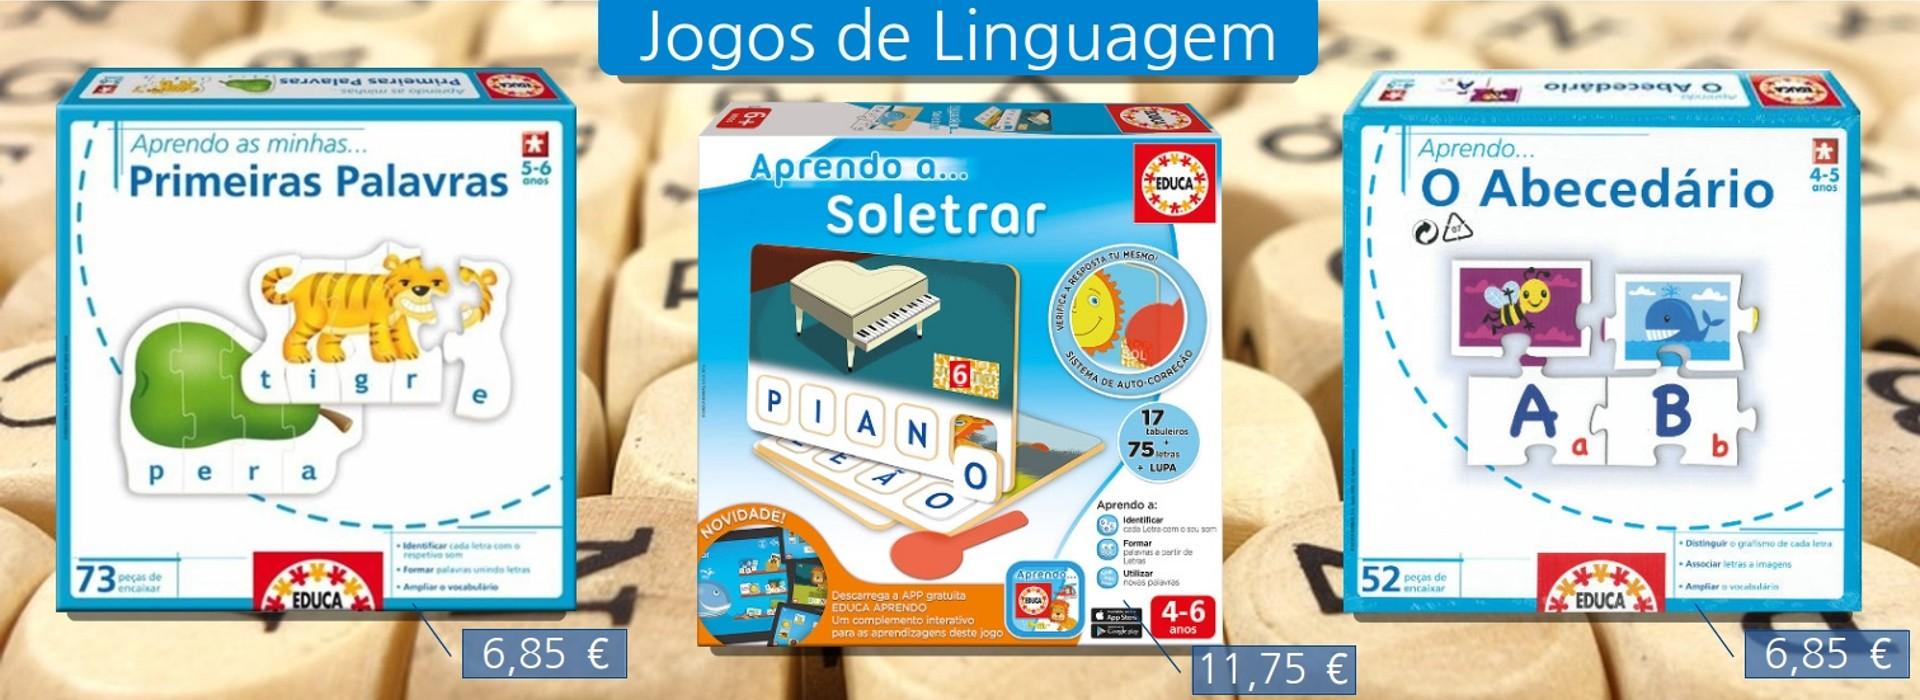 Jogos de Linguagem